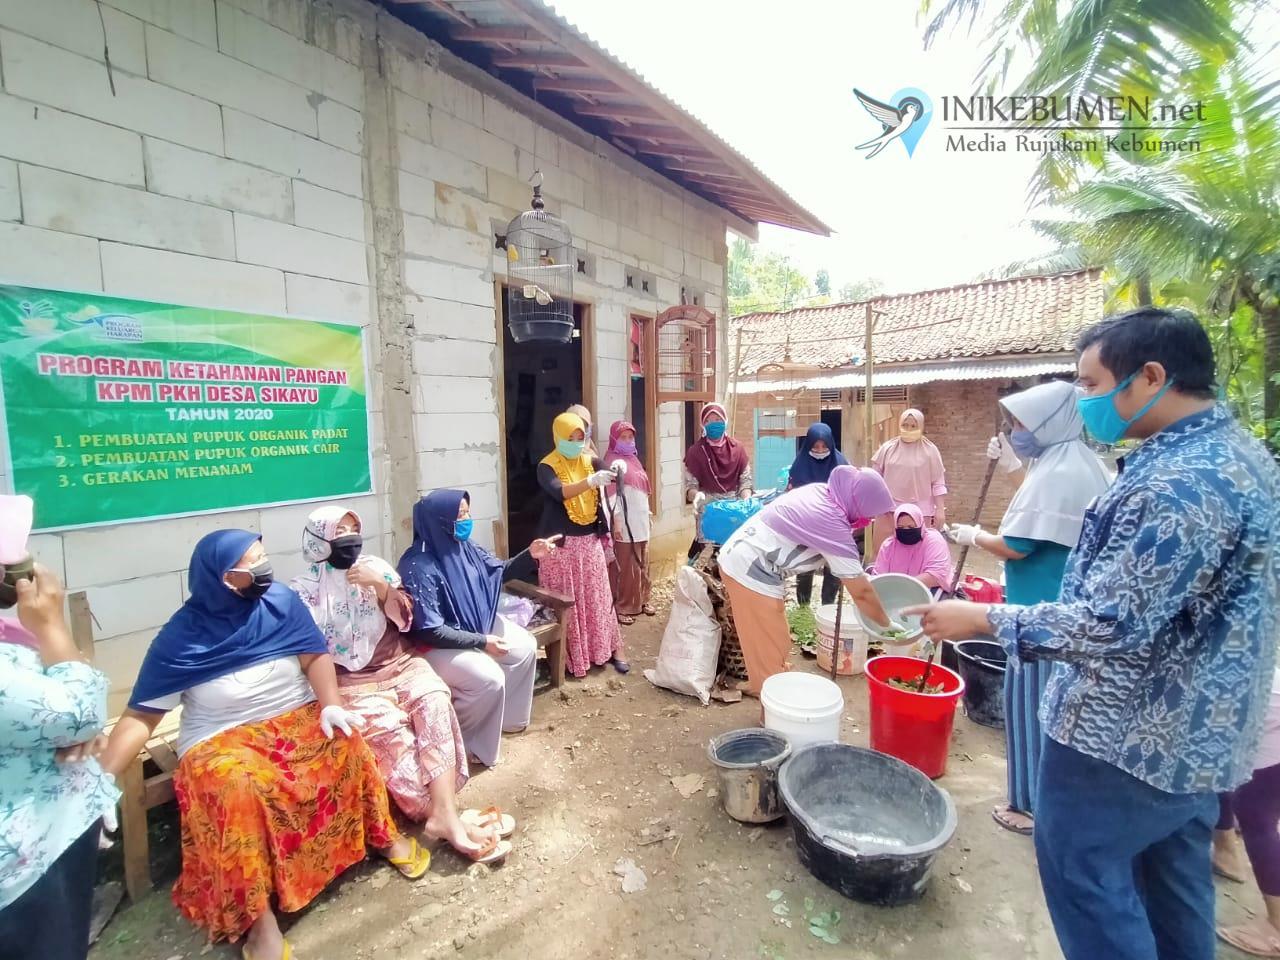 Penerima PKH Desa Sikayu Buayan Dilatih Cara Membuat Pupuk Organik